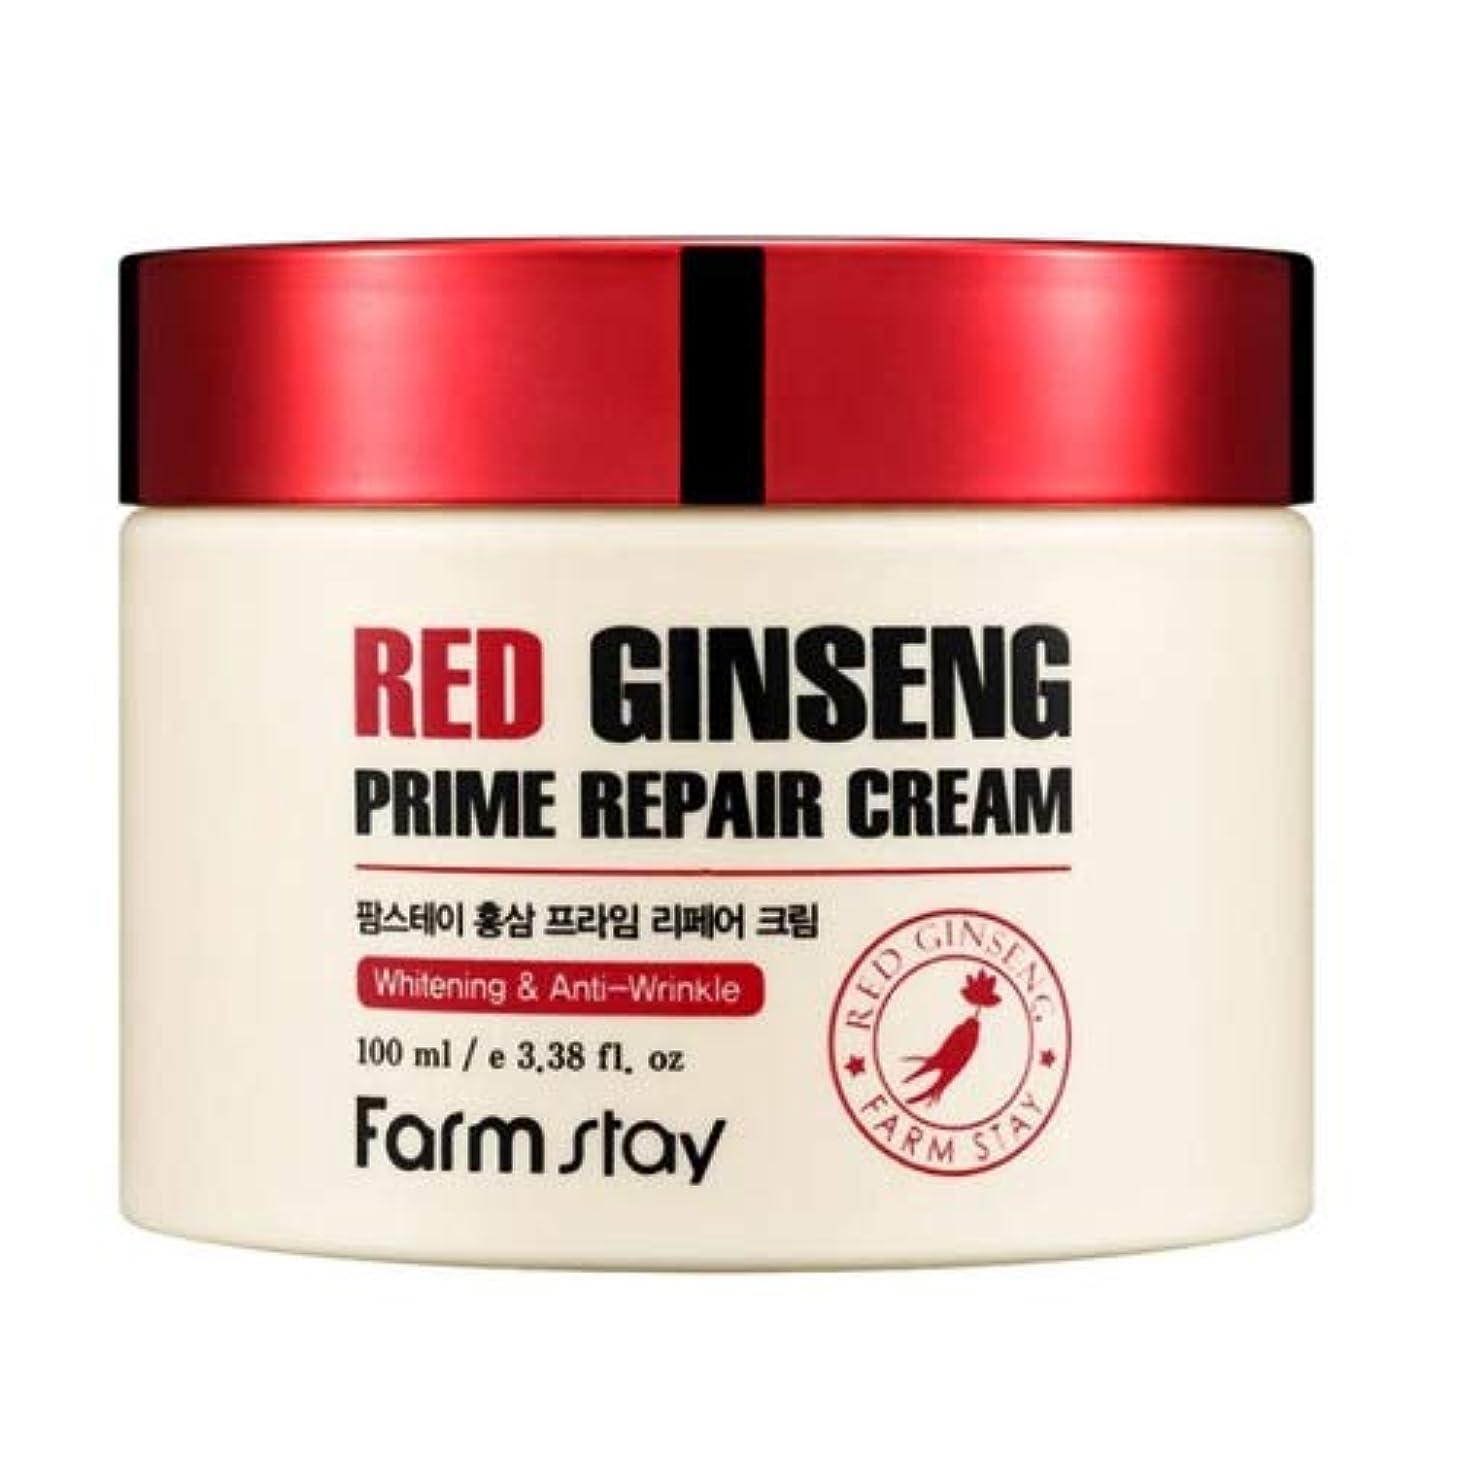 合金純粋な絶滅したFarm stay Red Ginseng Prime Repair Cream 紅参プライムリペアクリーム100ml[並行輸入品]